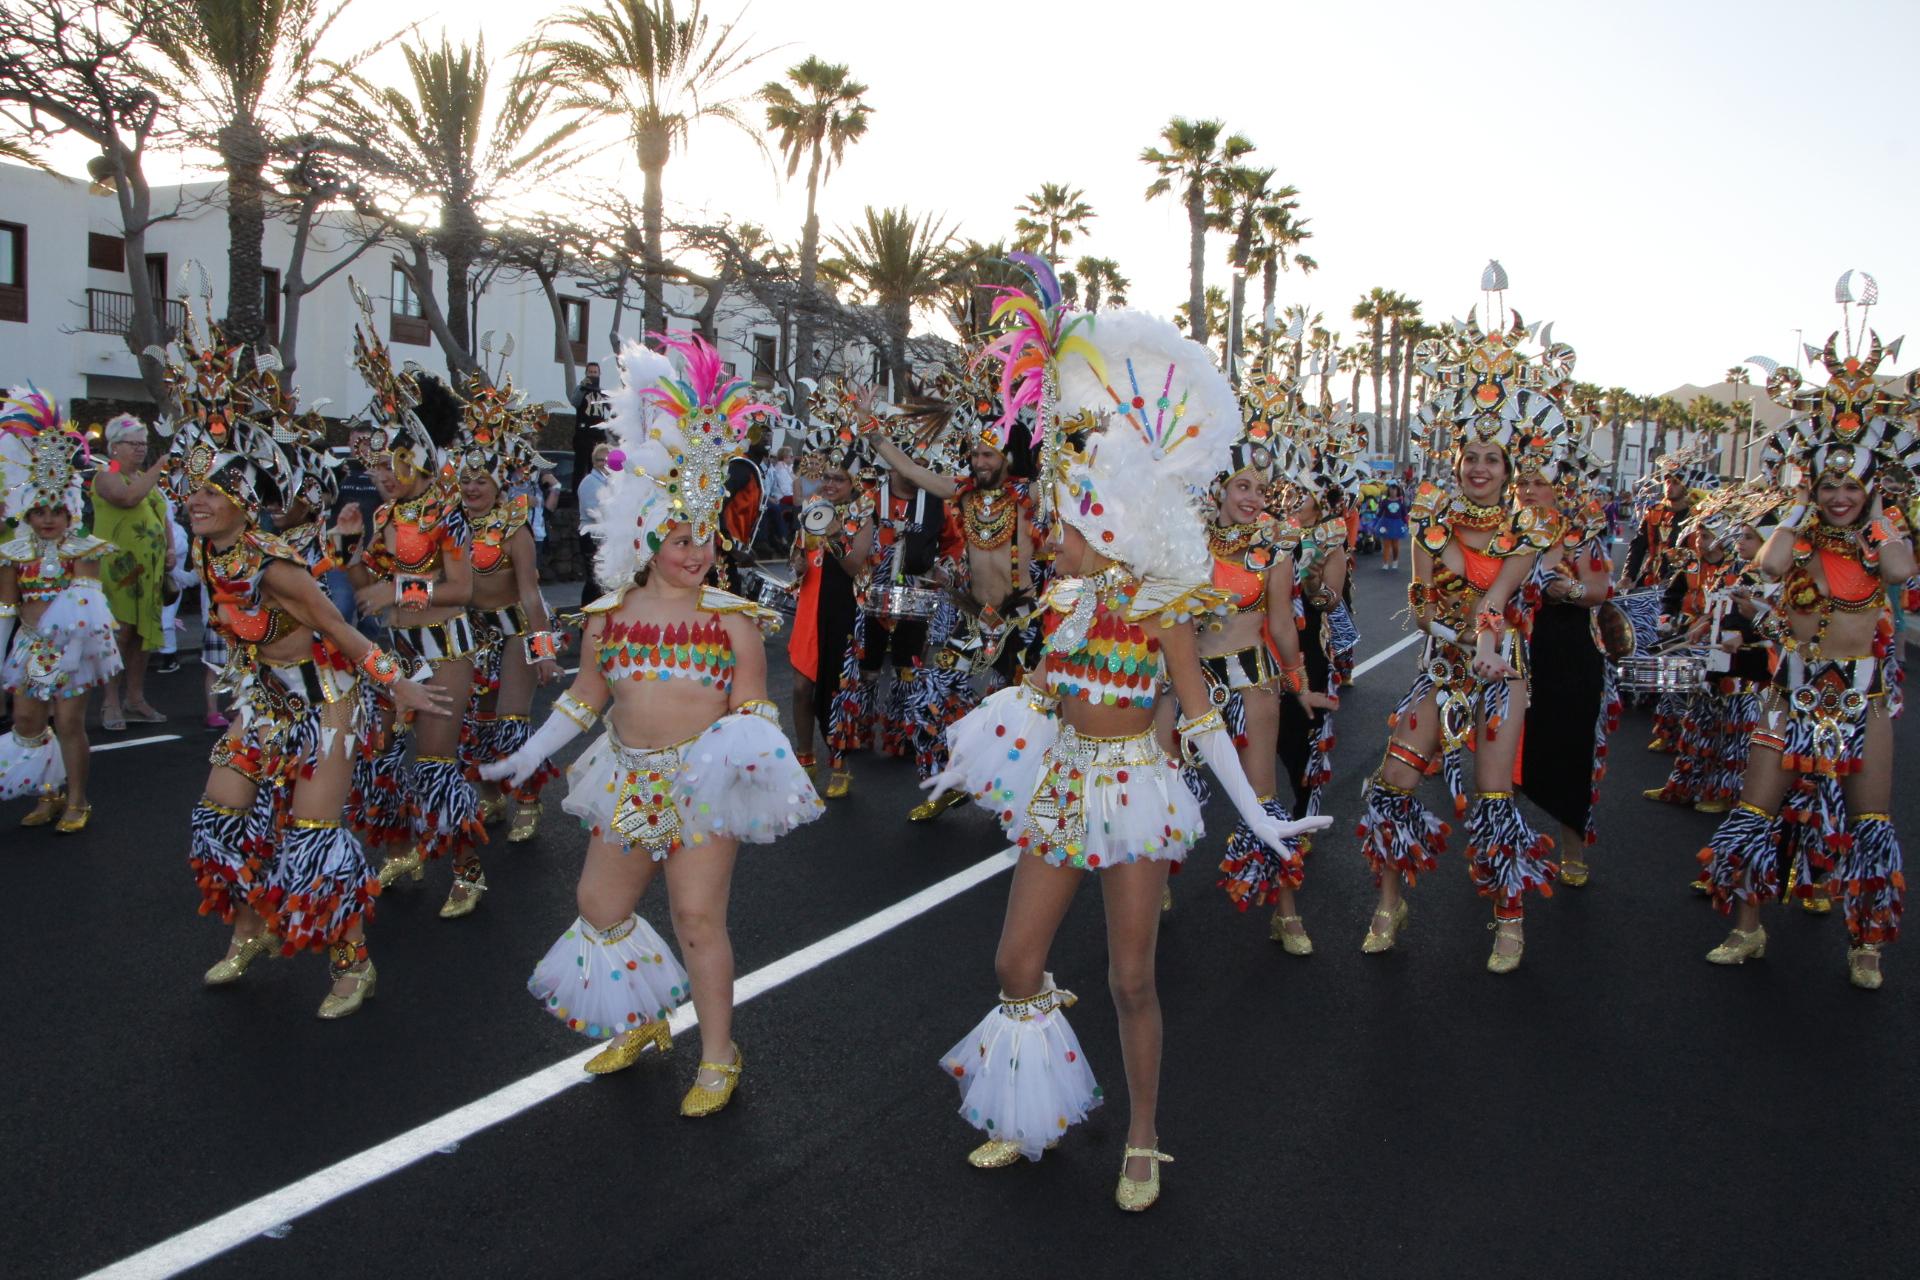 Abierto el concurso del cartel de Carnaval de Playa Blanca con 1.000 euros de premio